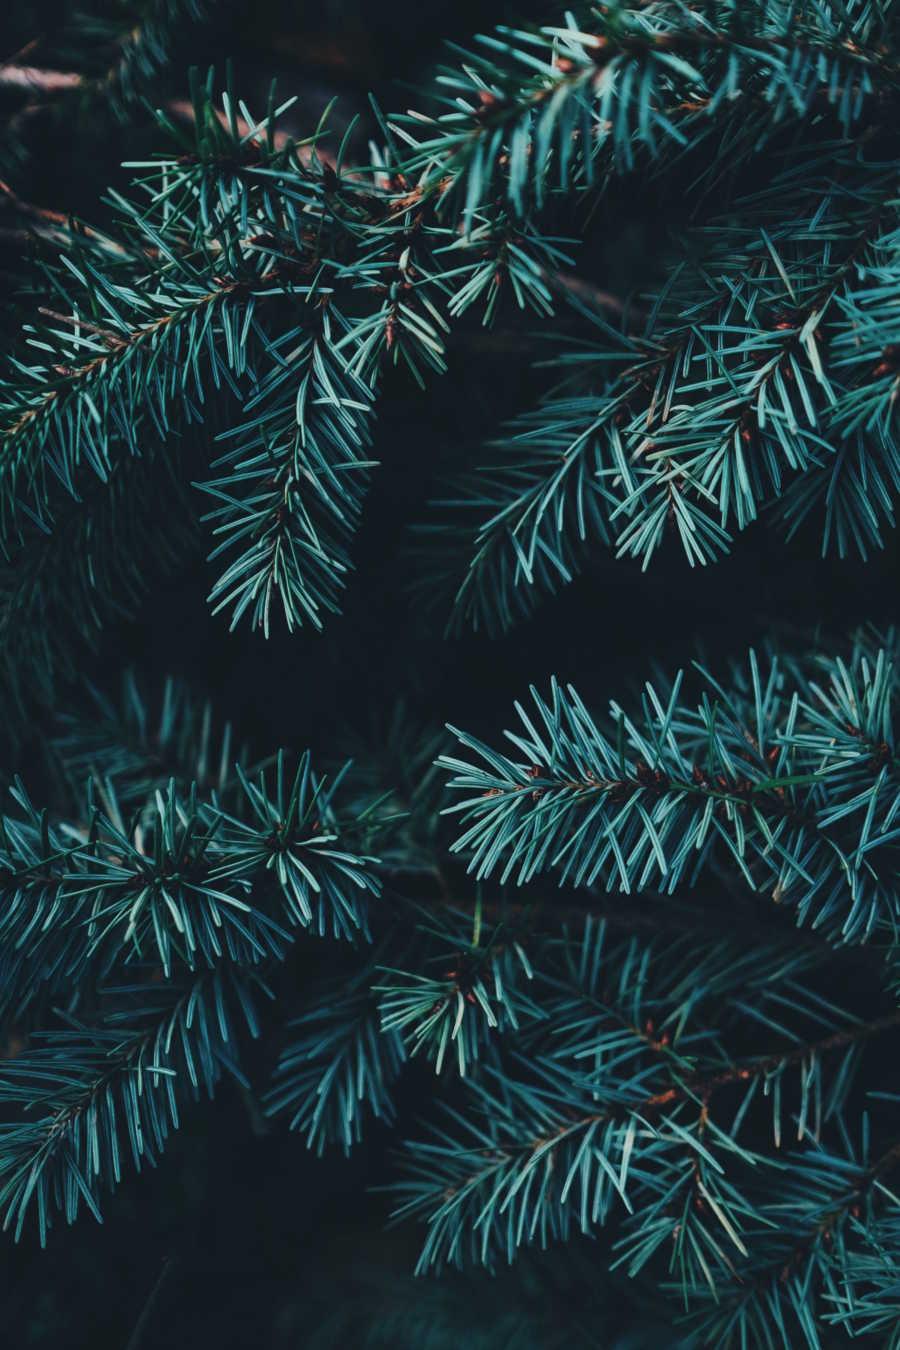 L'échoppe Végétale - Inspirations pour un automne pas monotone | observer la nature et les aiguilles de sapin avant de passer un Noël écolo